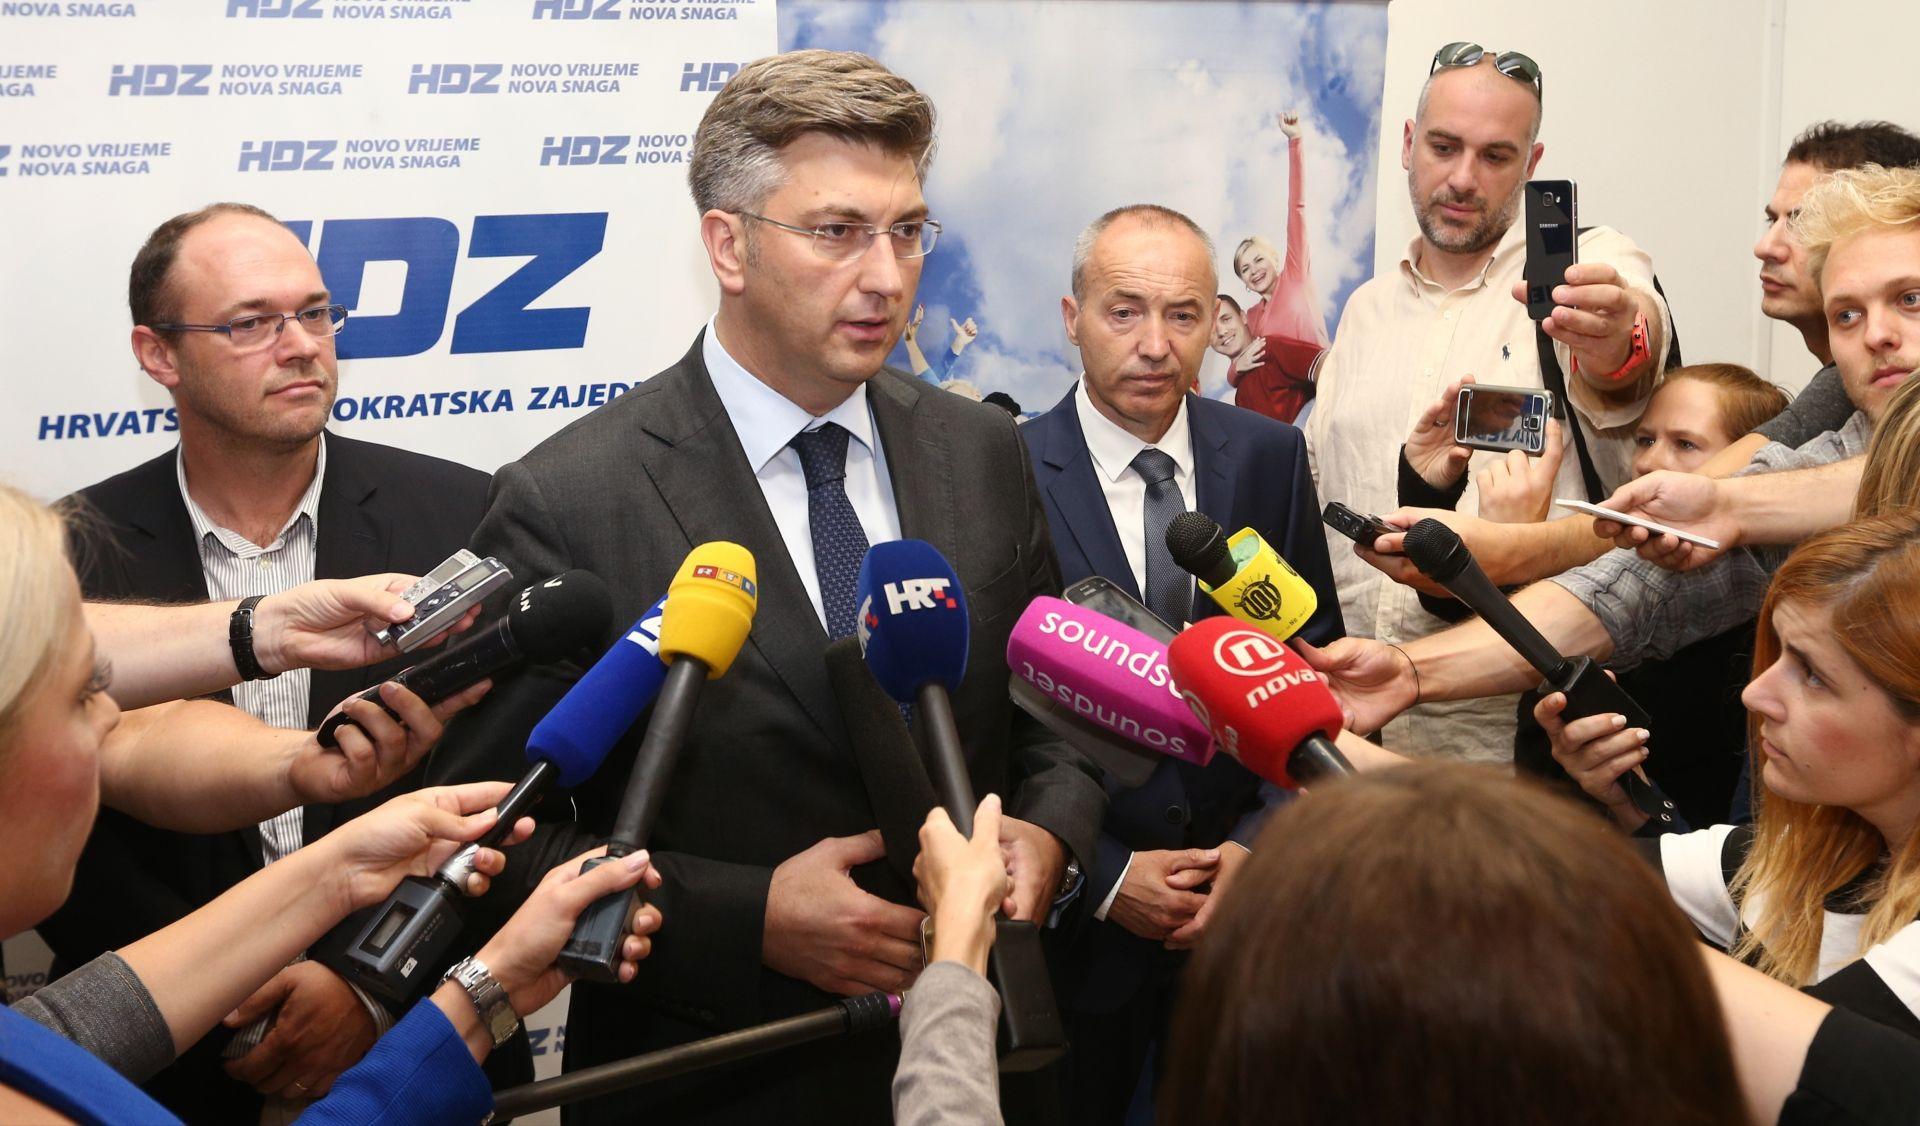 PREDSJEDNIŠTVO HDZ-a: Plenković o predstojećim izborima, mogućem novom premijeru i pozajmicama